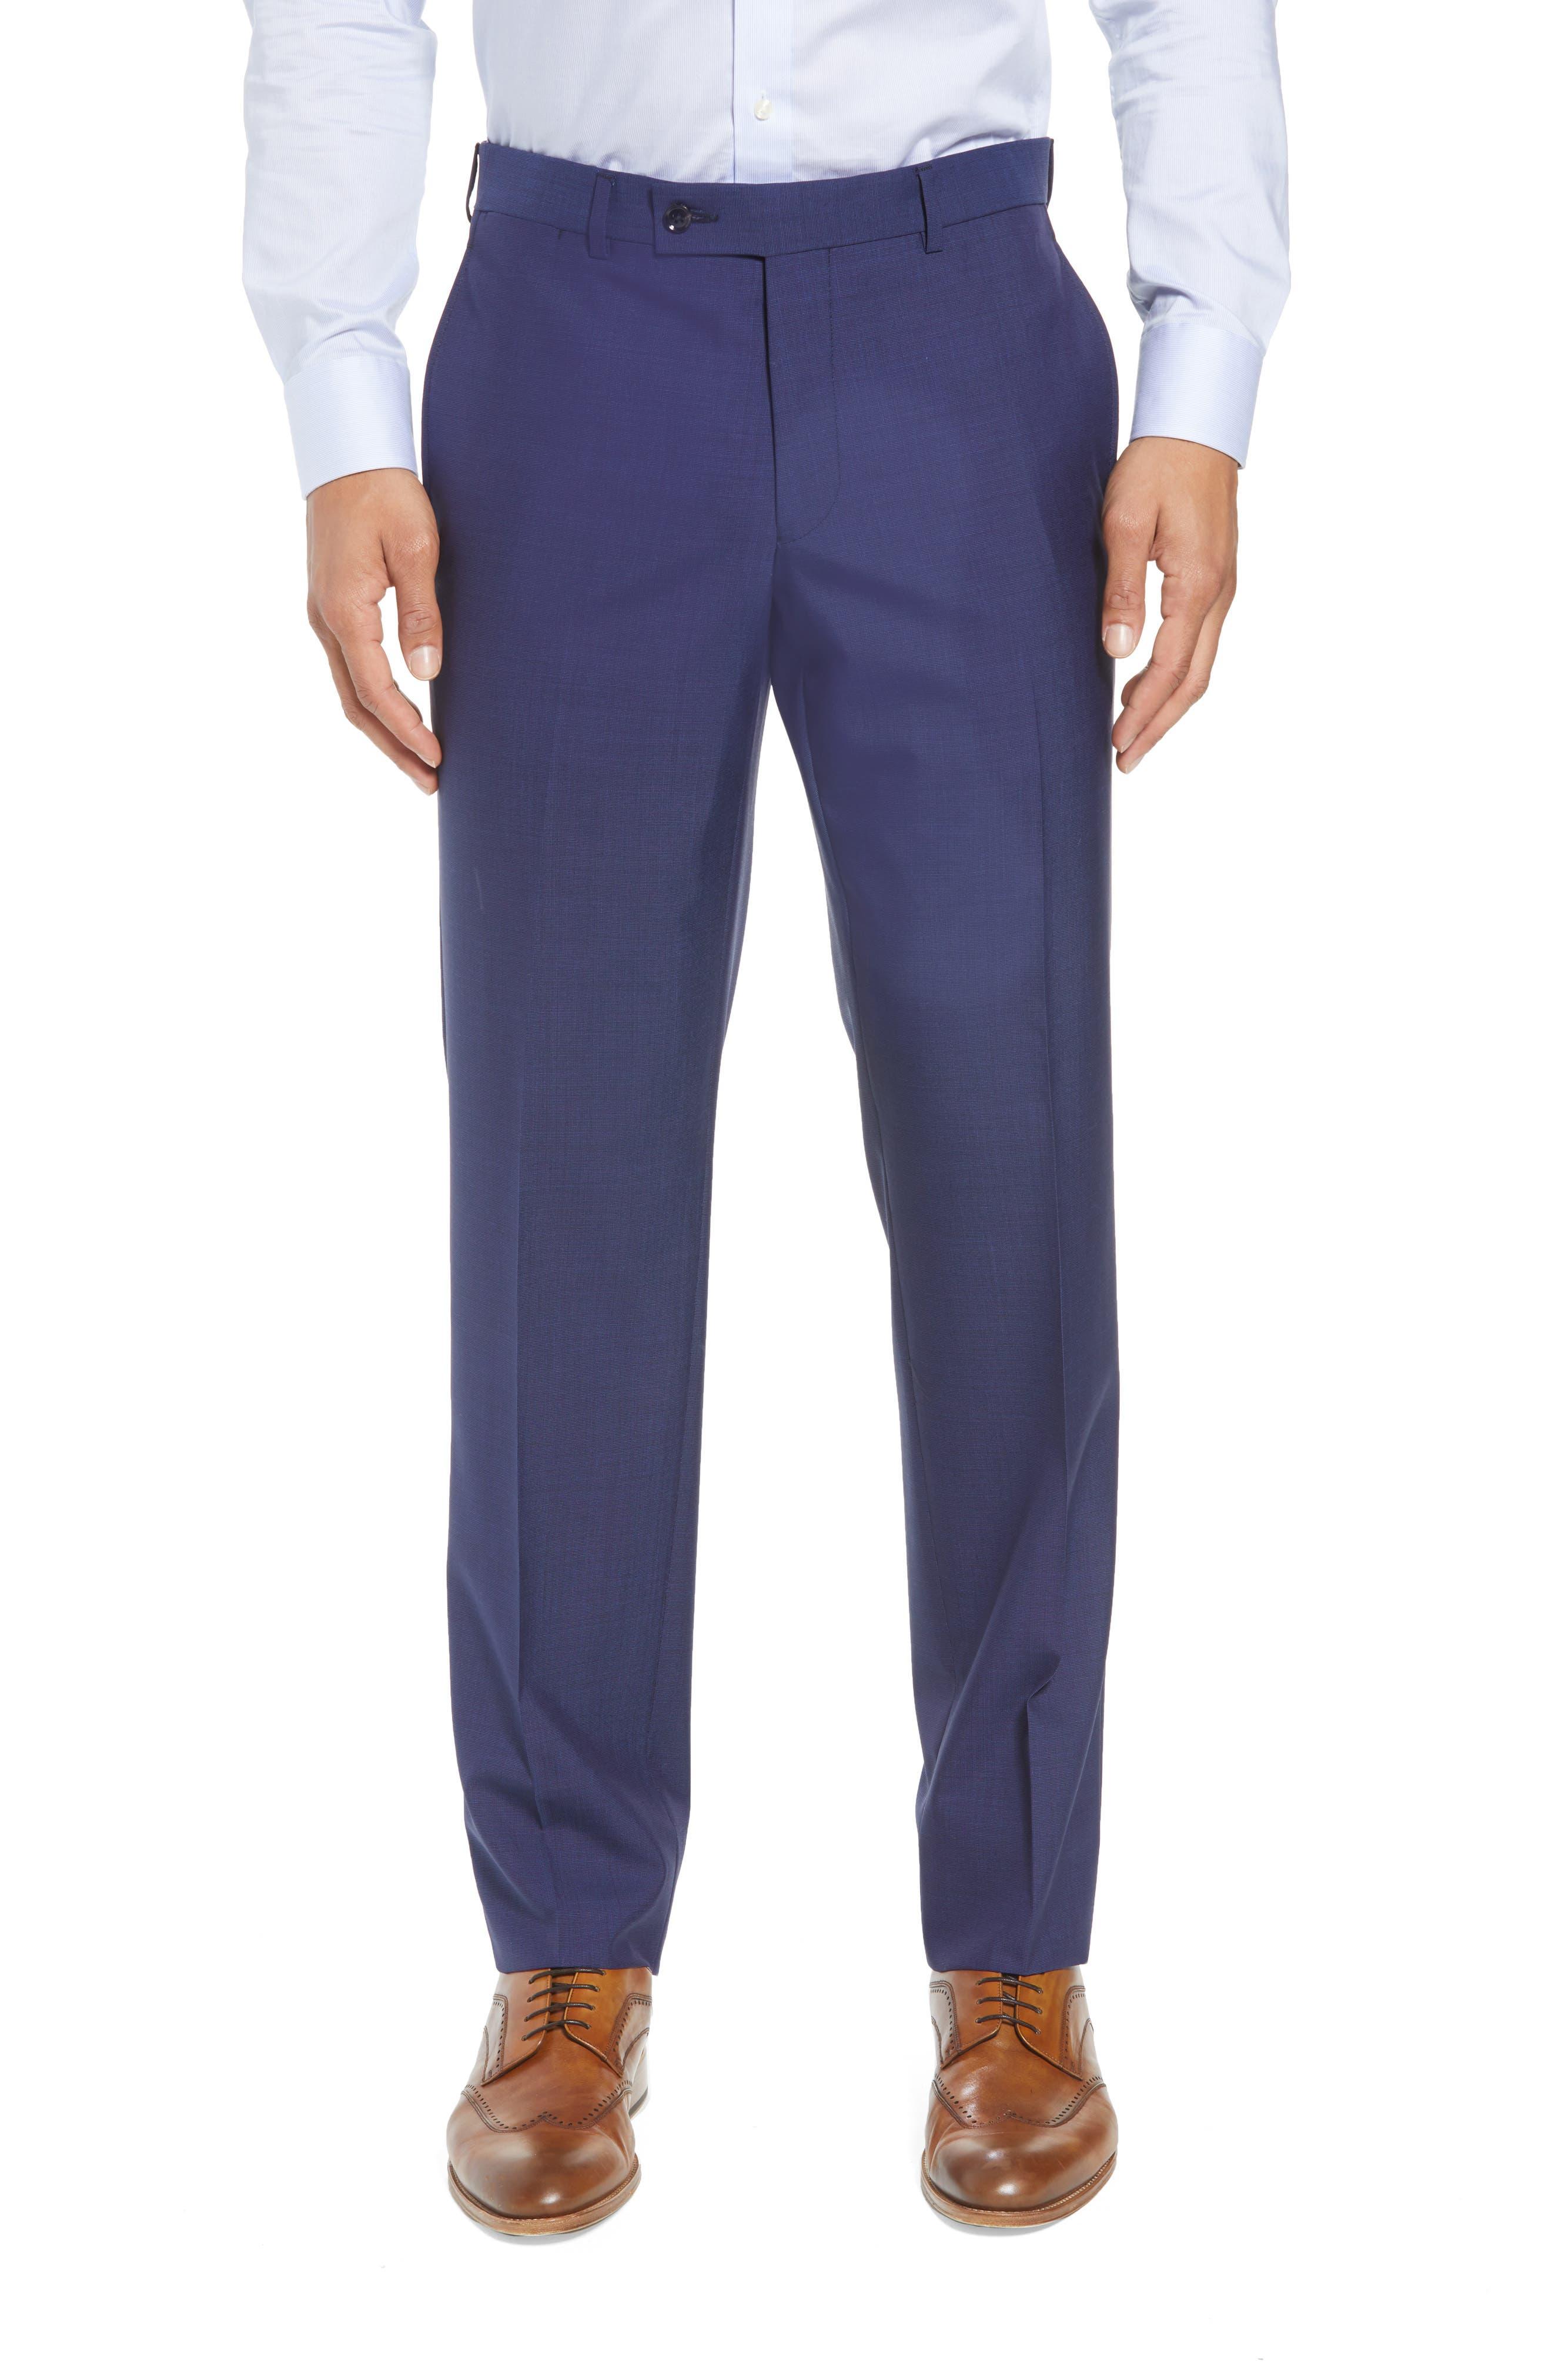 Jay Trim Fit Suit,                             Alternate thumbnail 6, color,                             BLUE